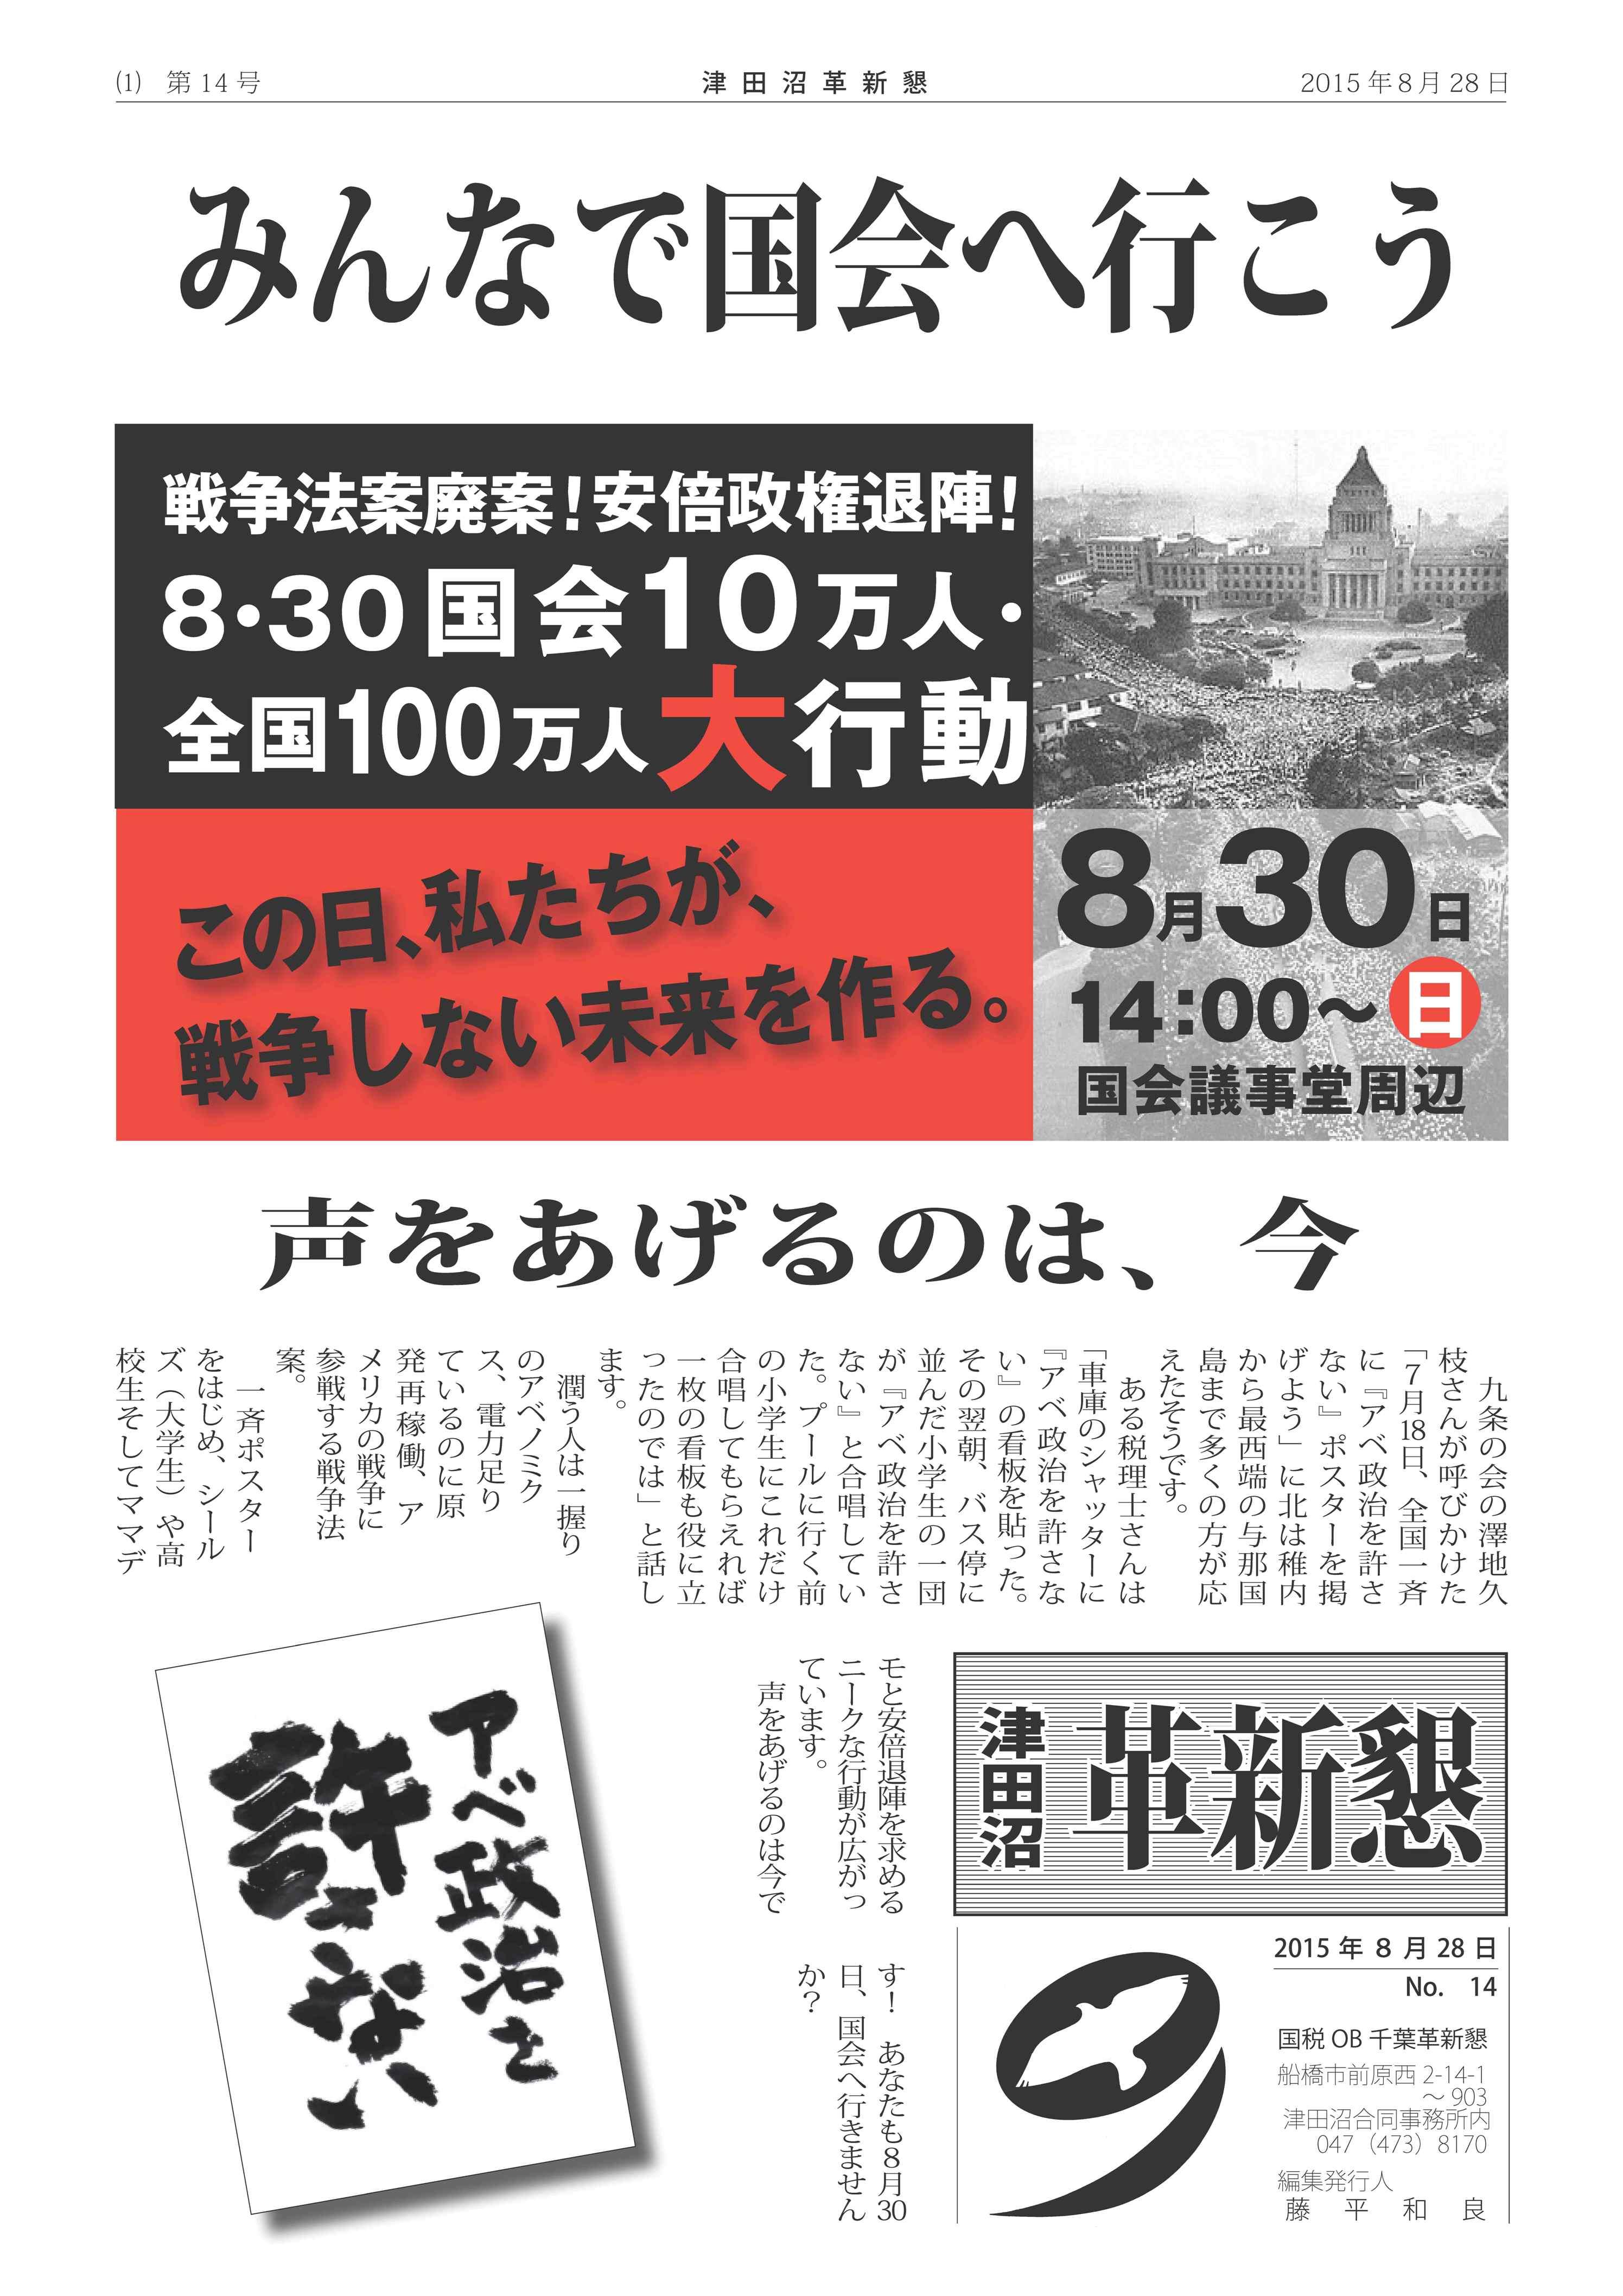 津田沼革新懇ニュースNO.14 « 法...